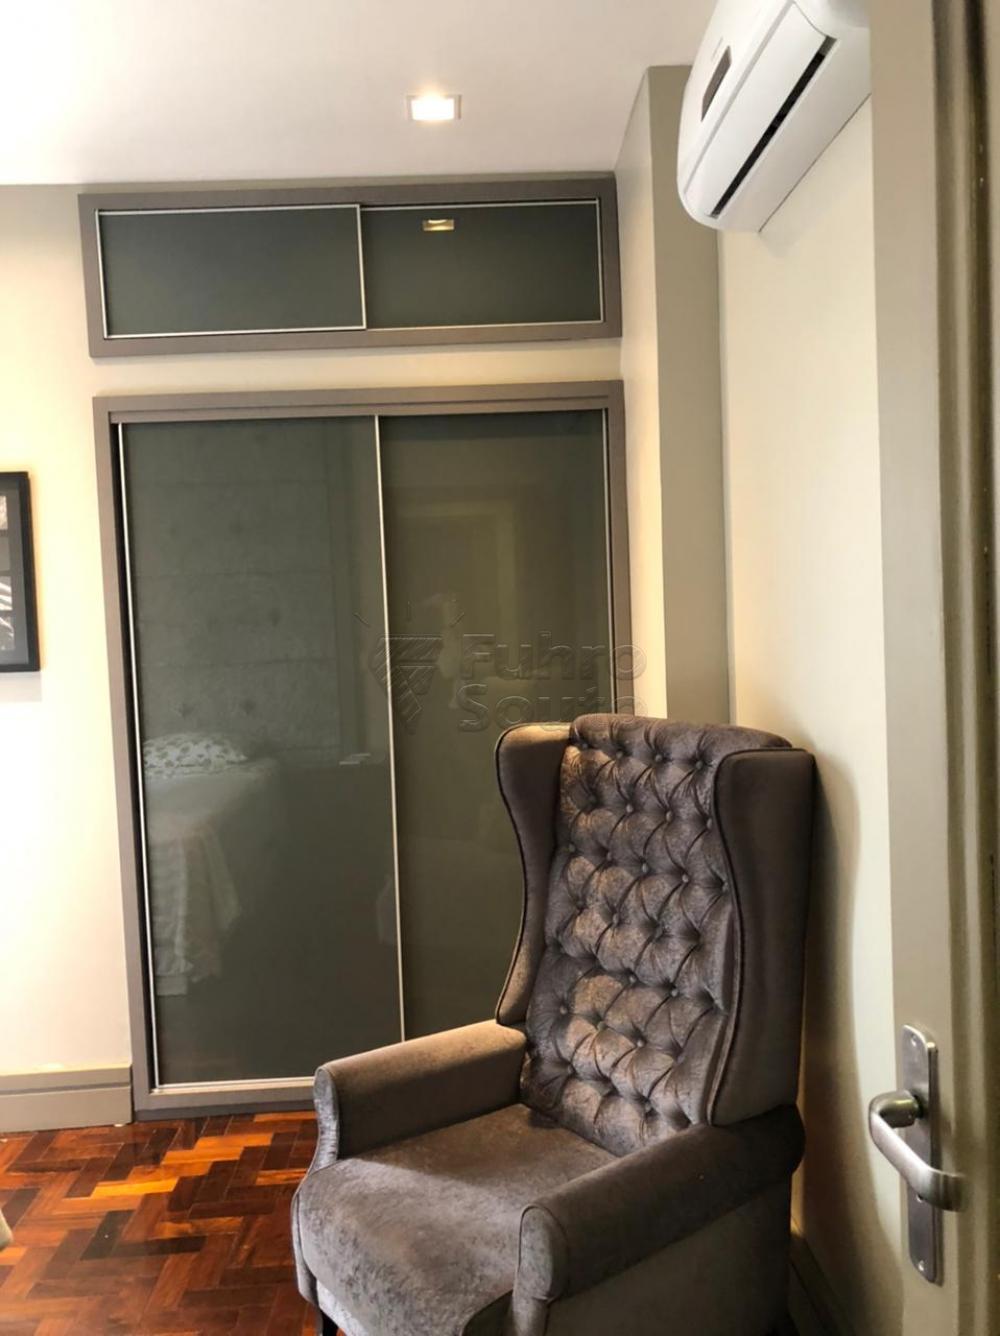 Comprar Apartamento / Padrão em Pelotas R$ 650.000,00 - Foto 12